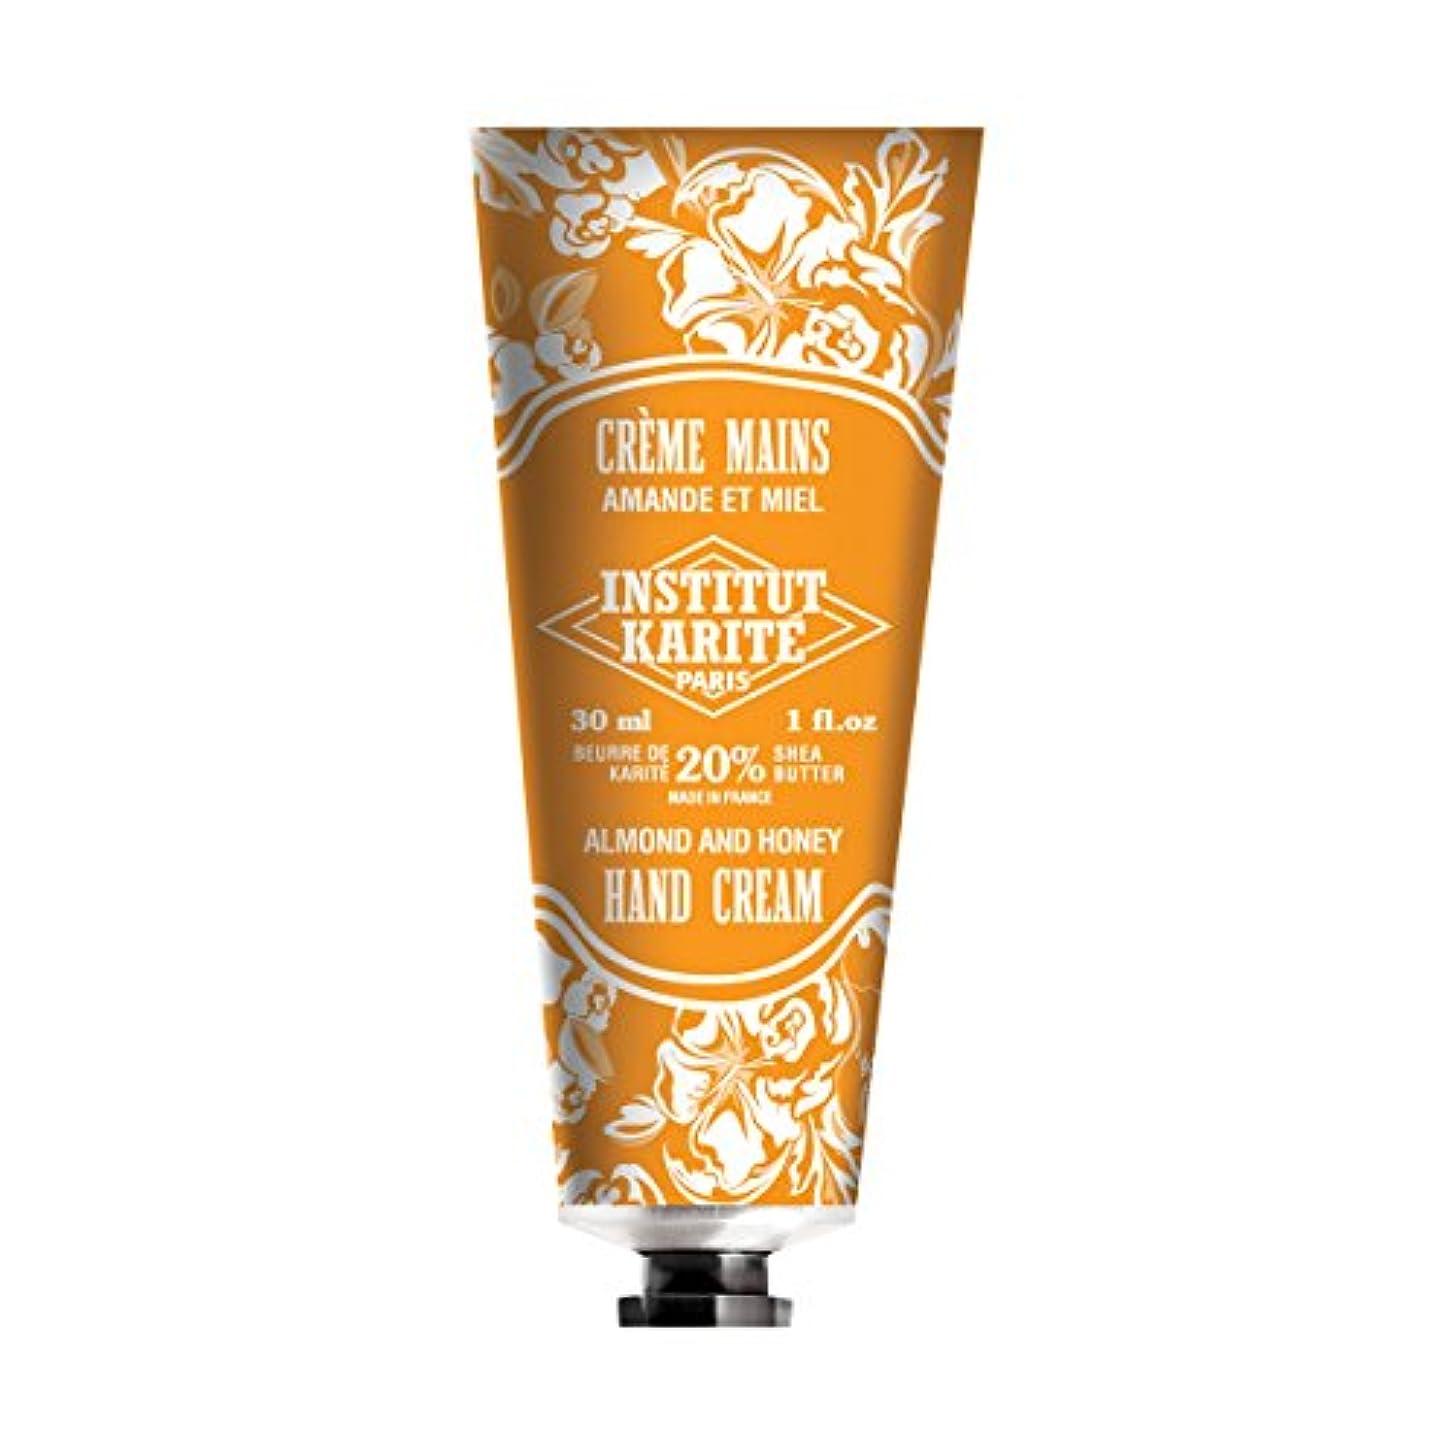 非常にエントリ急降下INSTITUT KARITE インスティチュート カリテ Hand Cream 30ml(ハンドクリーム)AMANDE ET MIEL アーモンドハニー